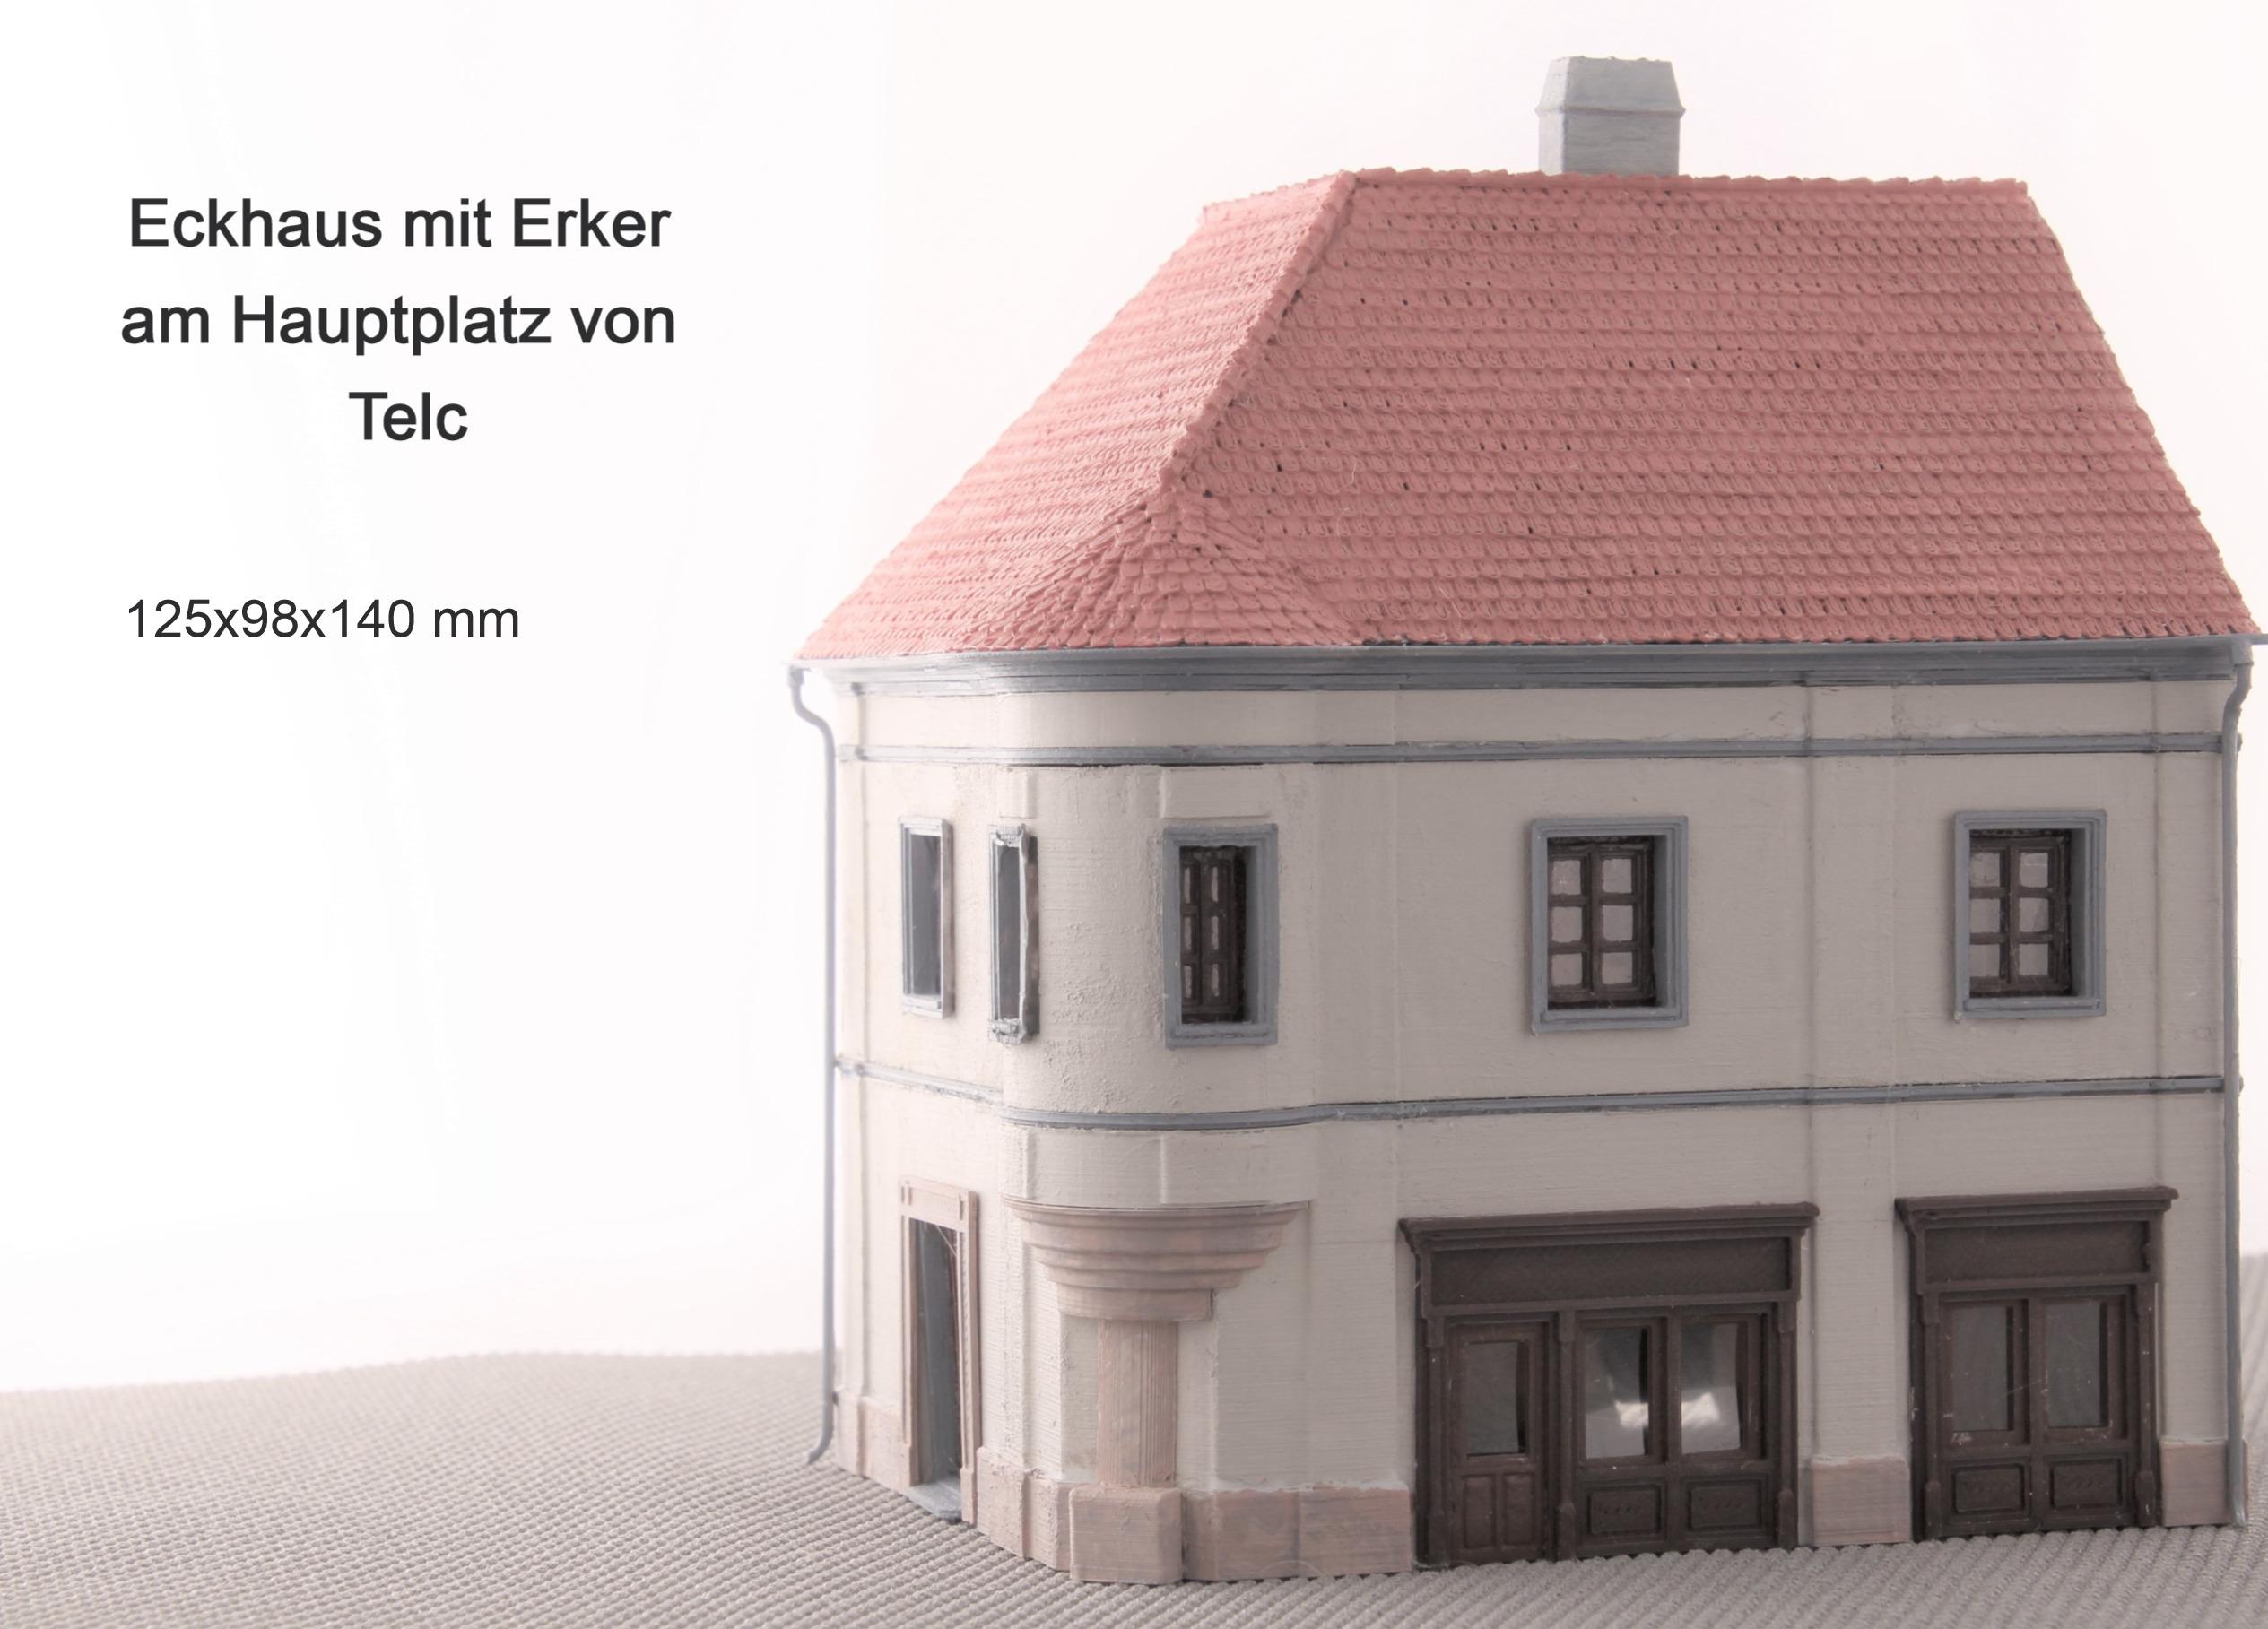 Eckhaus mit Erker